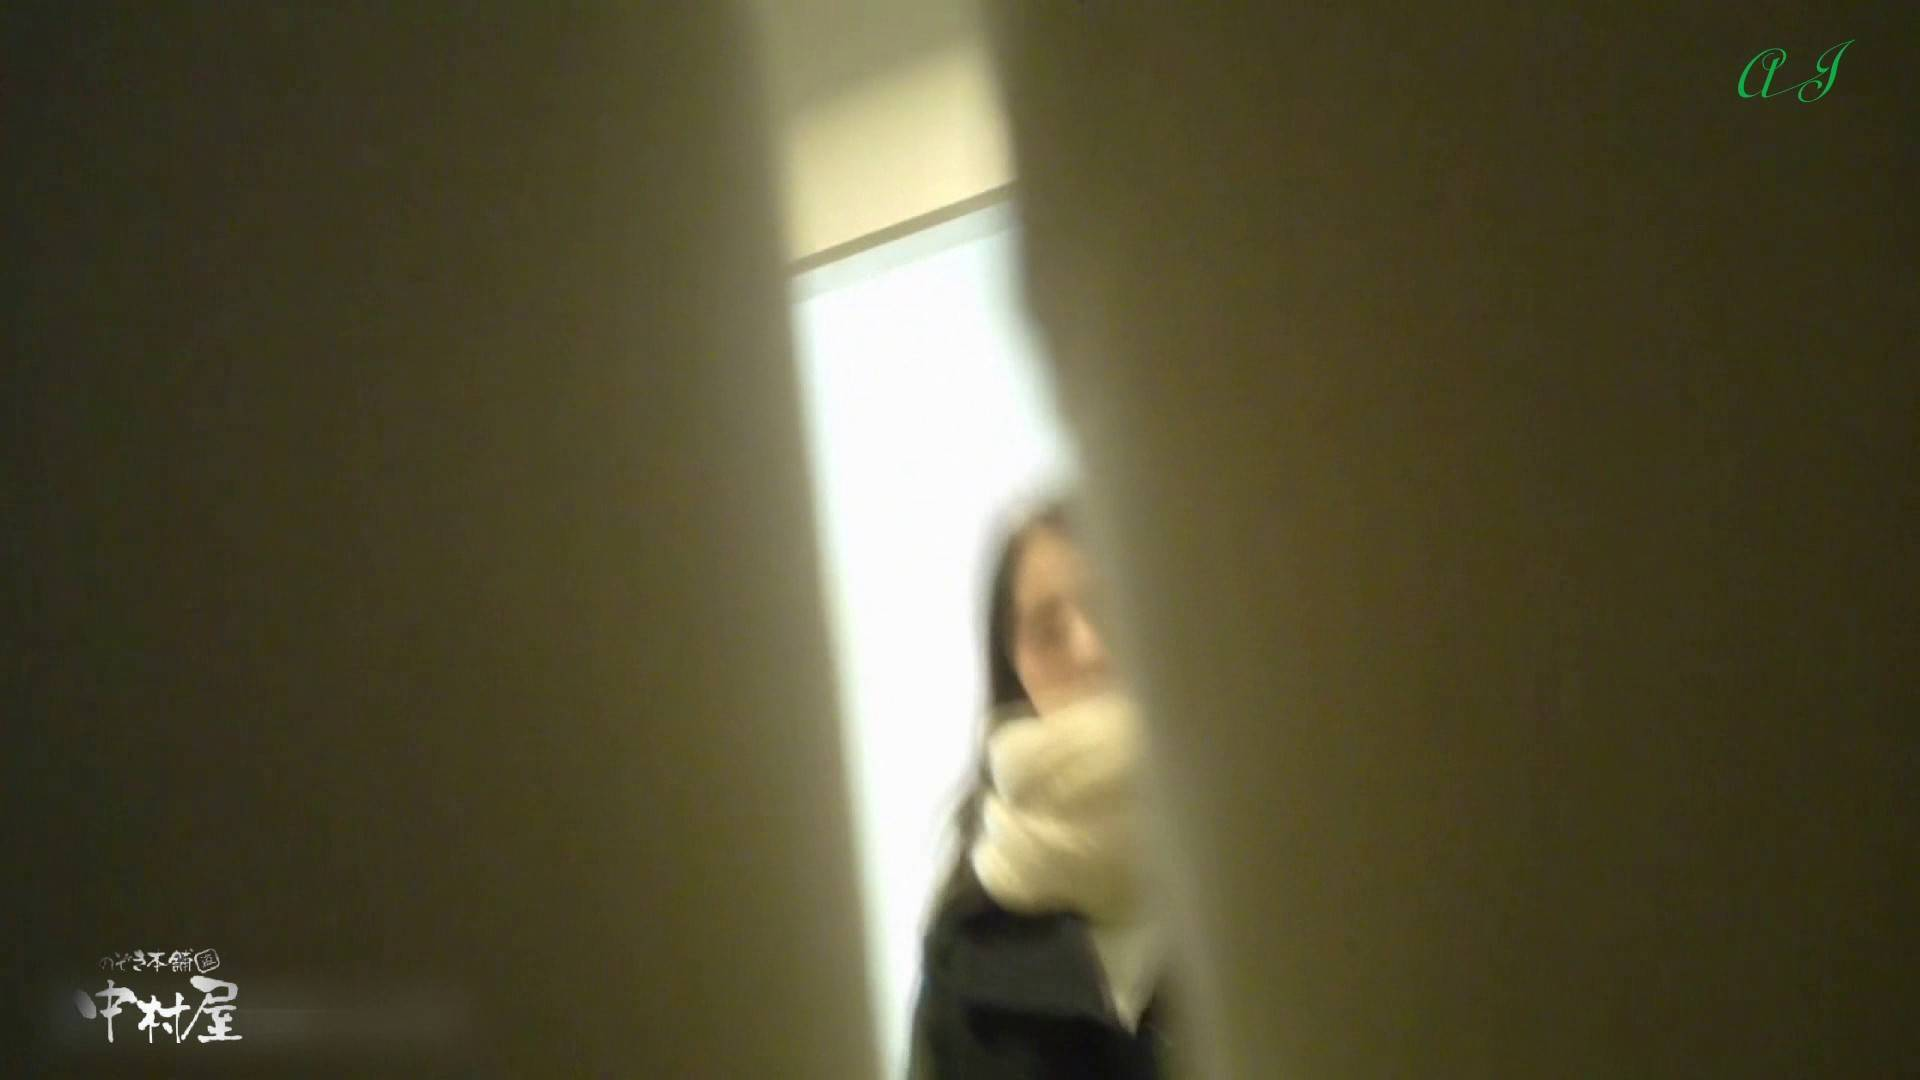 有名大学女性洗面所 vol.82 後編 洗面所 | 盗撮特集  103画像 5